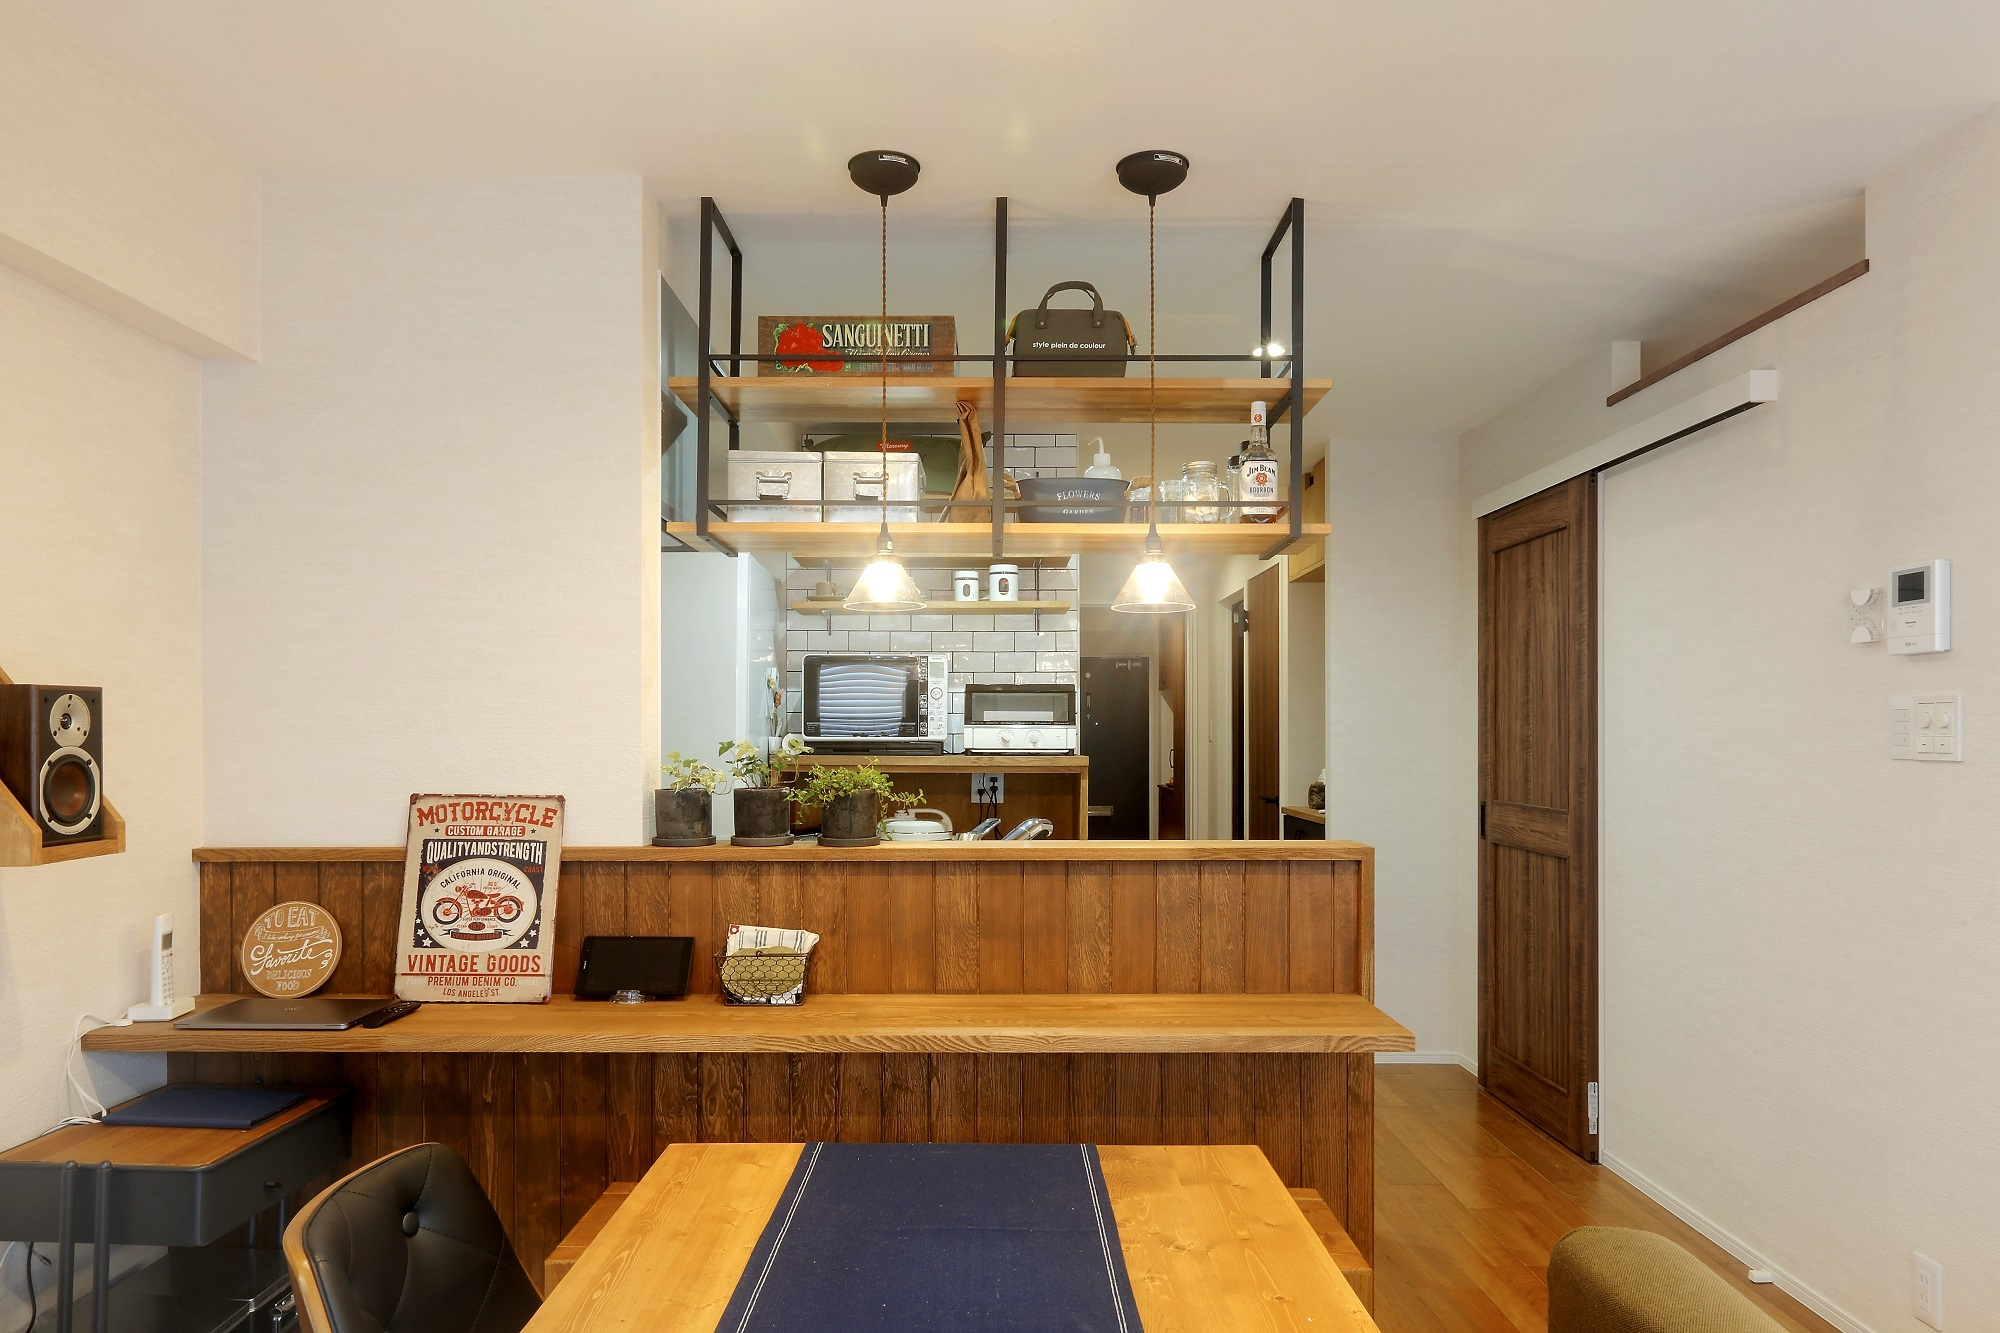 キッチンカウンターは室内ドアなどのインテリアも合わせてトータルコーディネート。